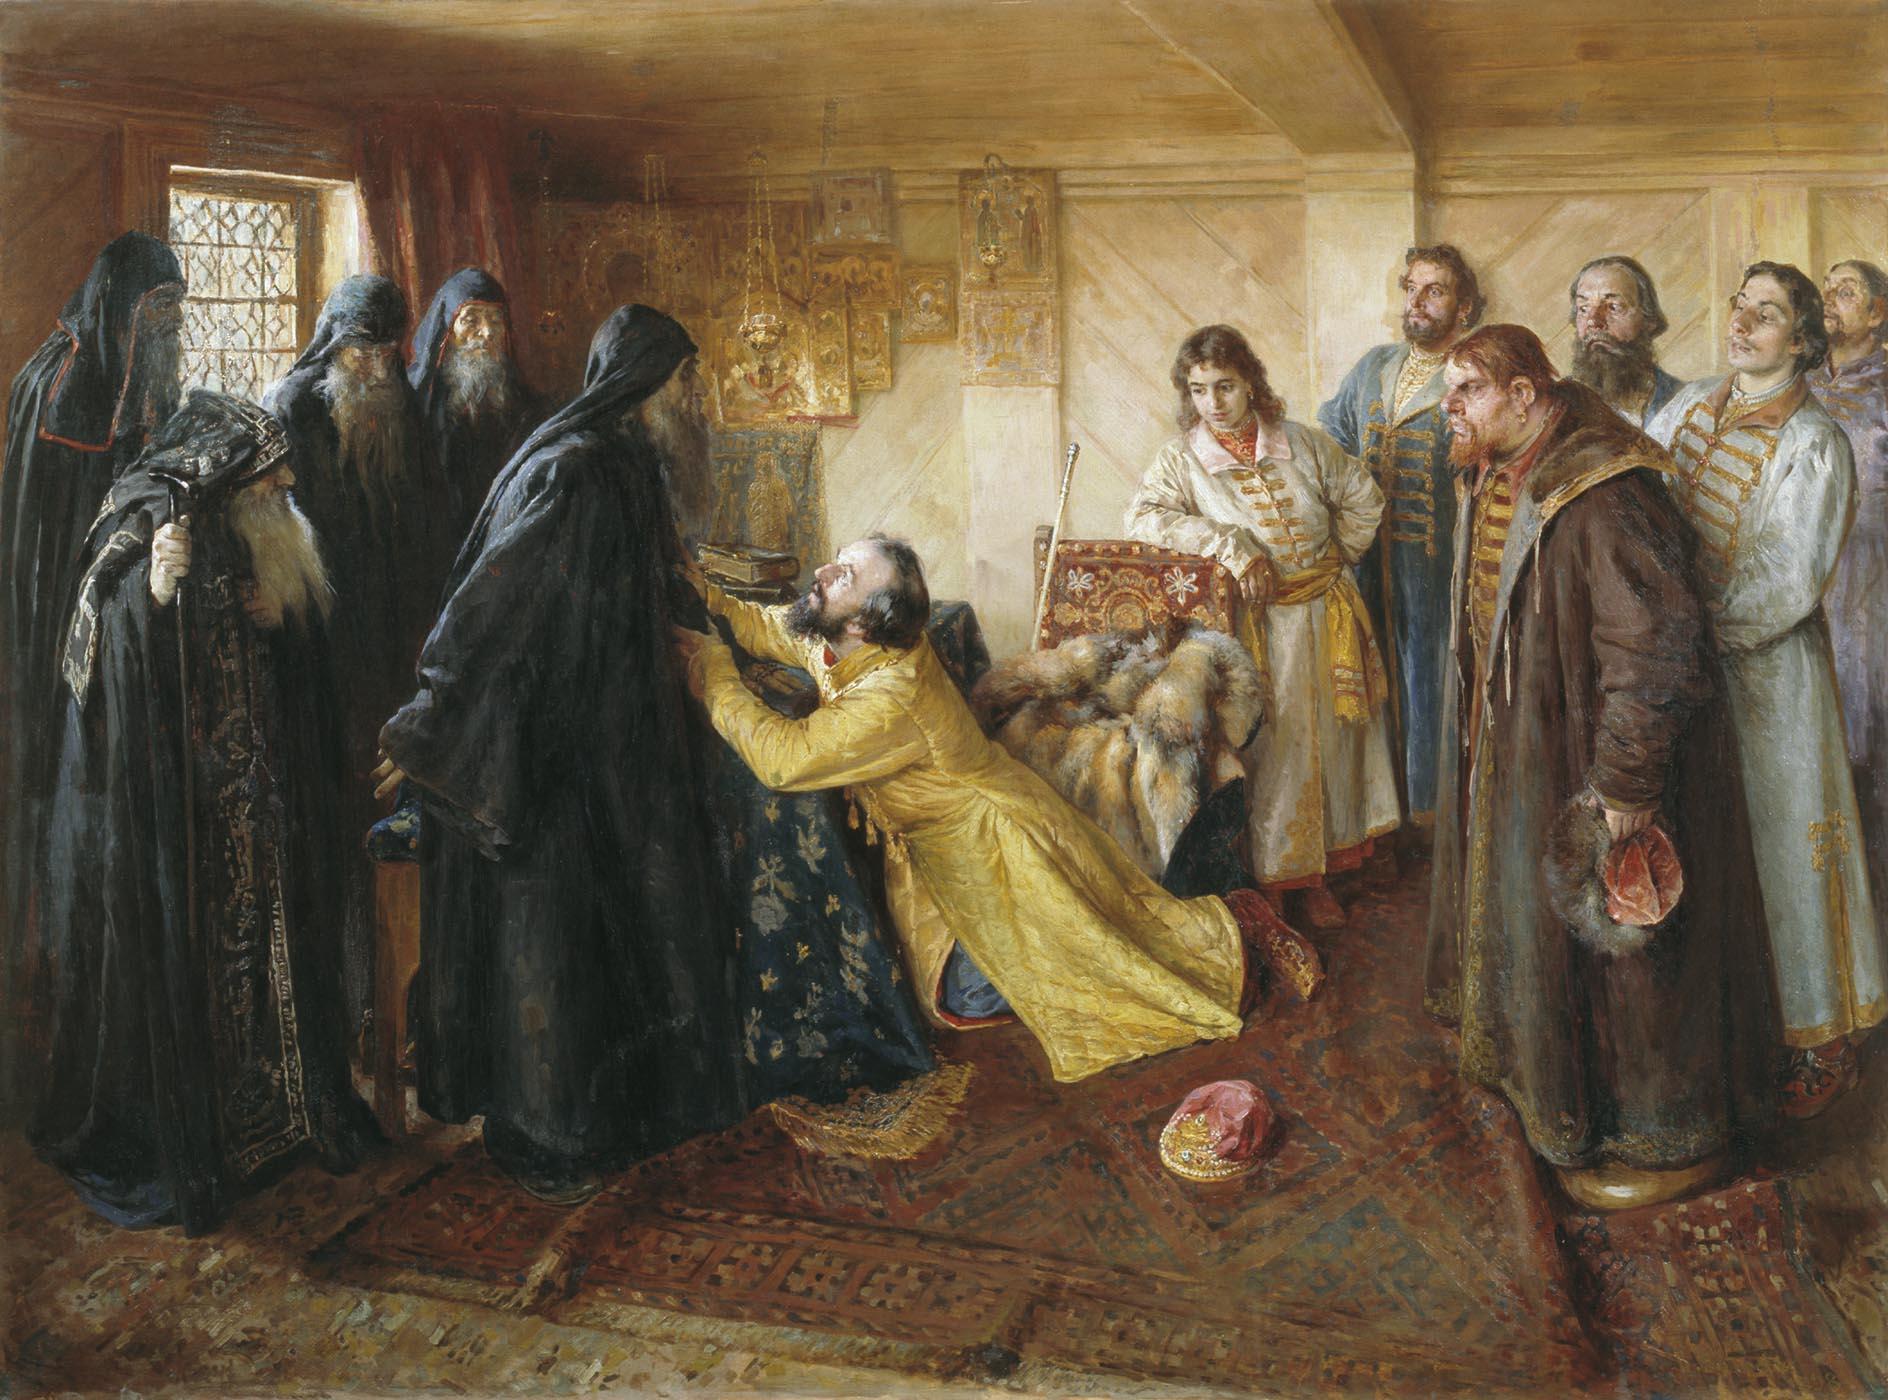 Лебедев Клавдий. Царь Иван Грозный просит игумена Корнилия постричь его в монахи.